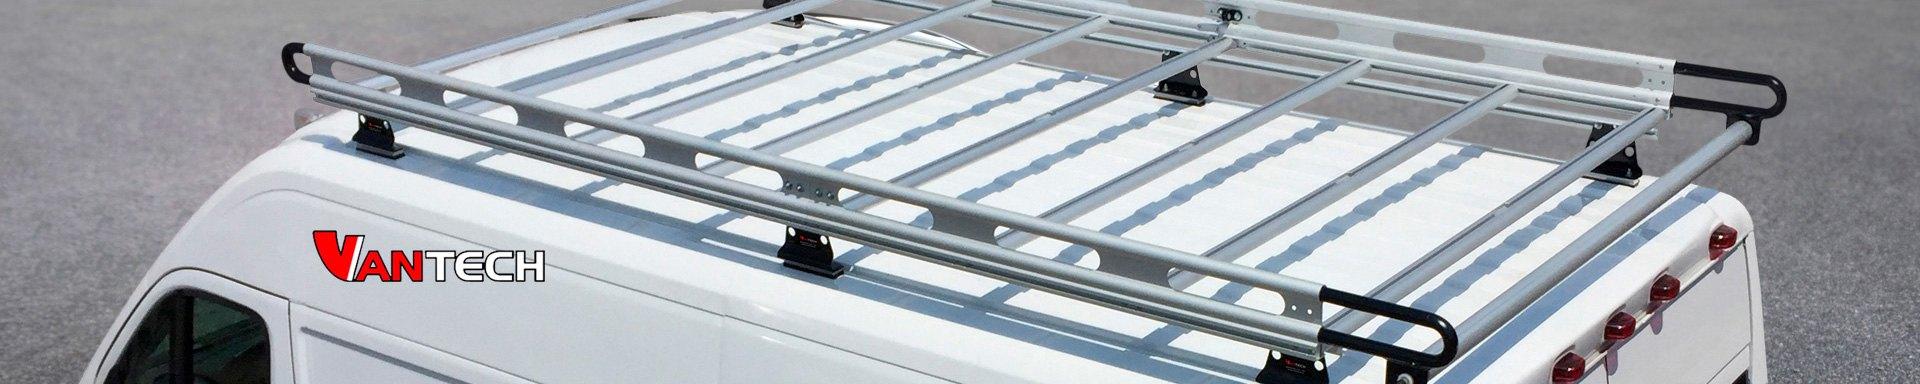 vantech roof racks rear access